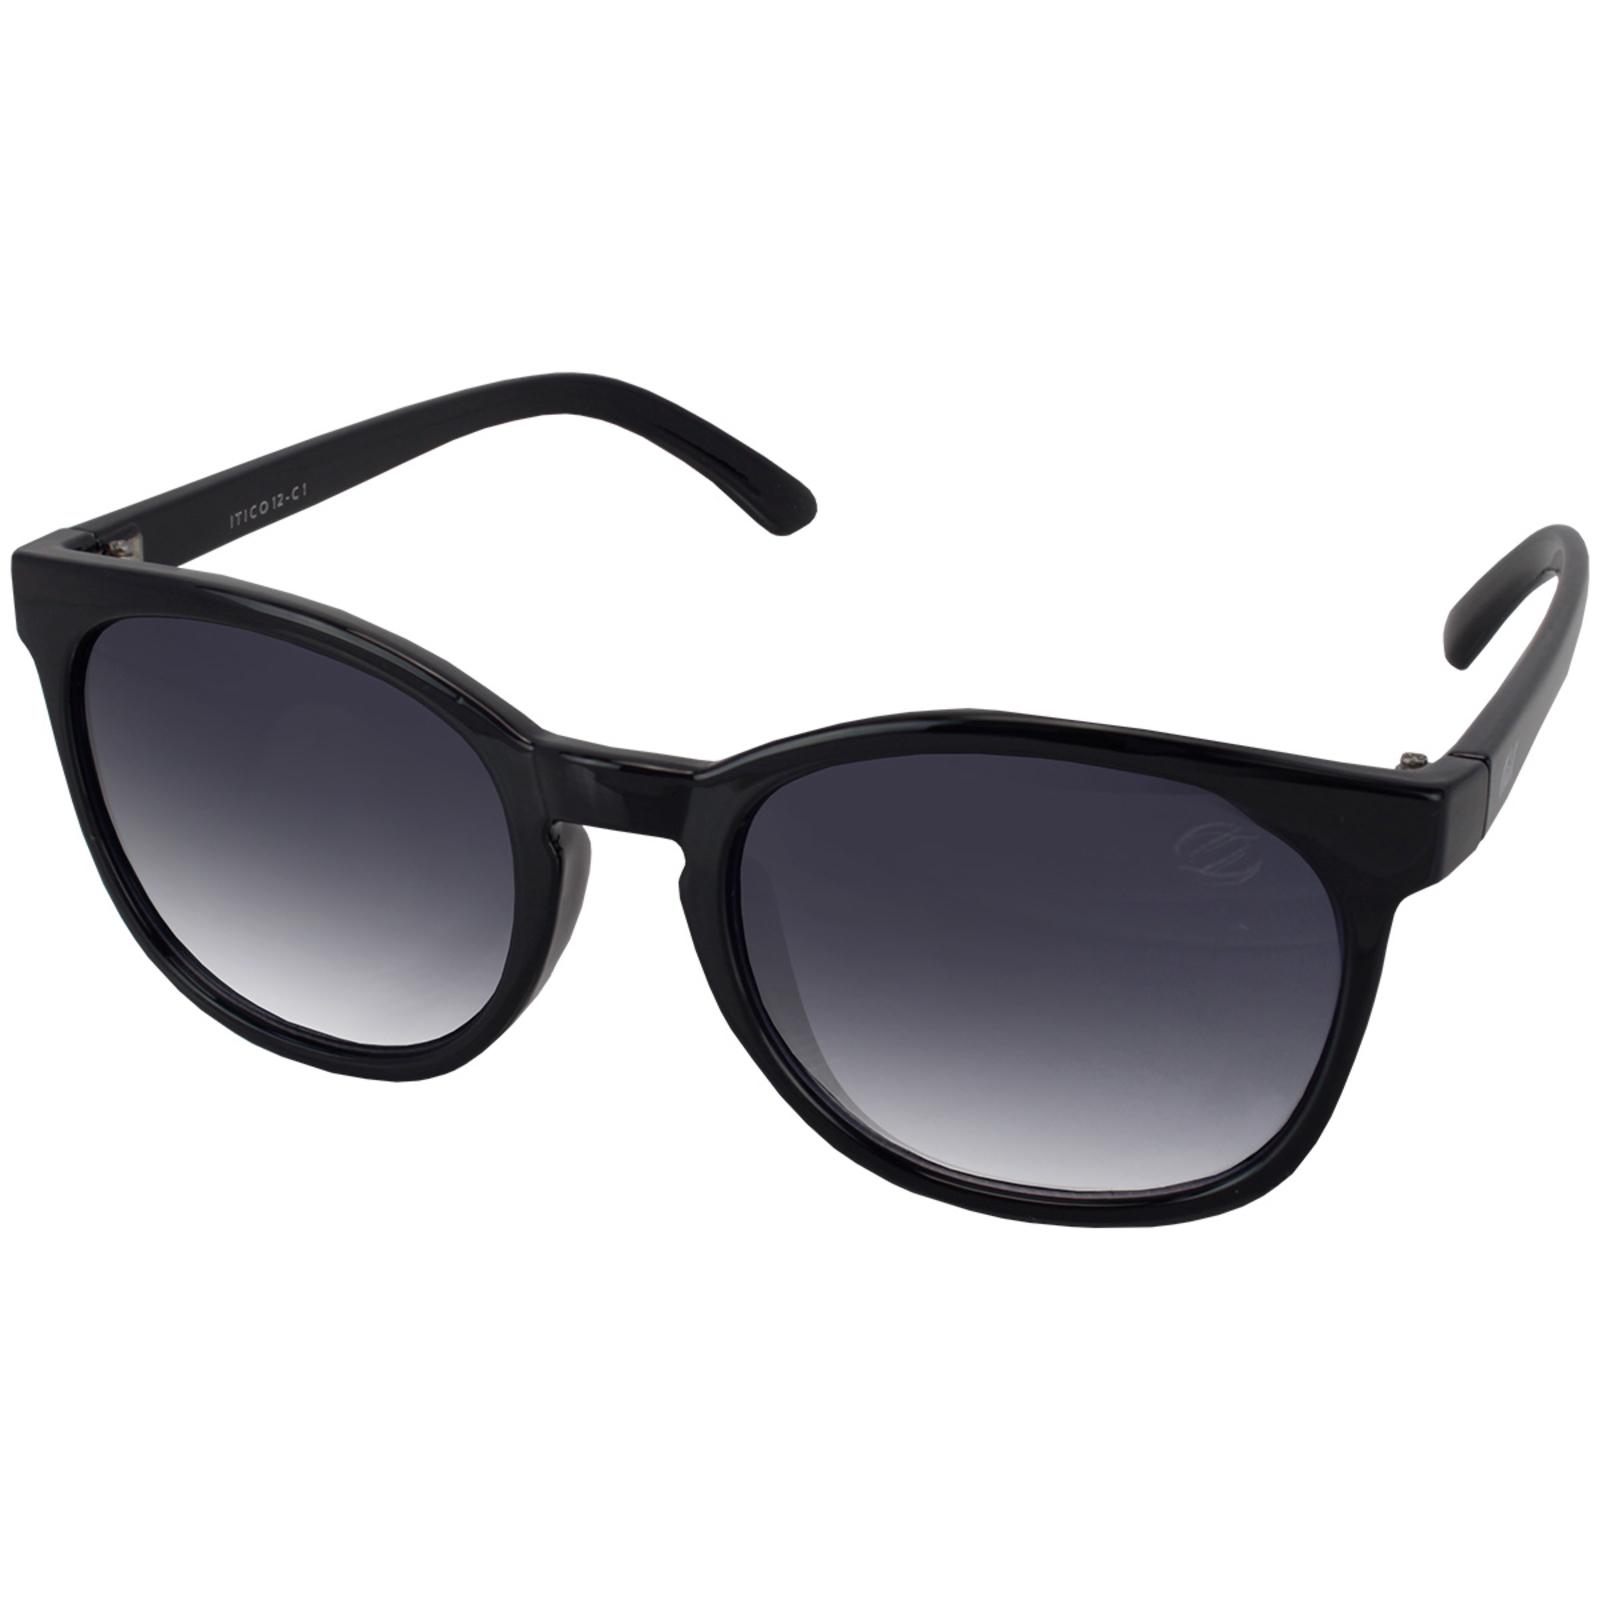 Óculos De Sol Tilit Feminino Acetato Redondo Retrô - Preto